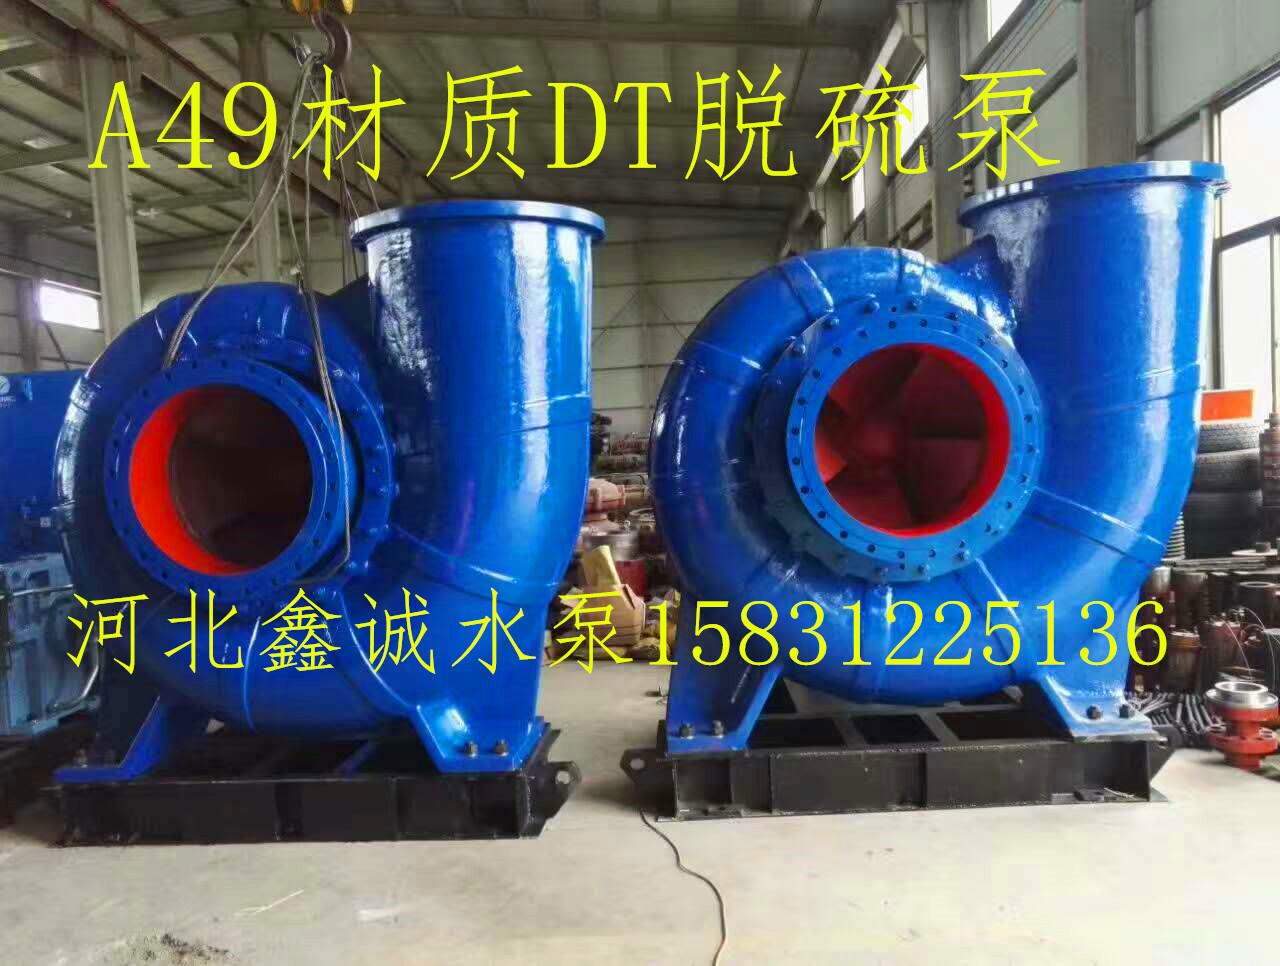 脱硫循环泵   电厂脱硫泵  DT卧式脱硫泵厂家   脱硫泵图片